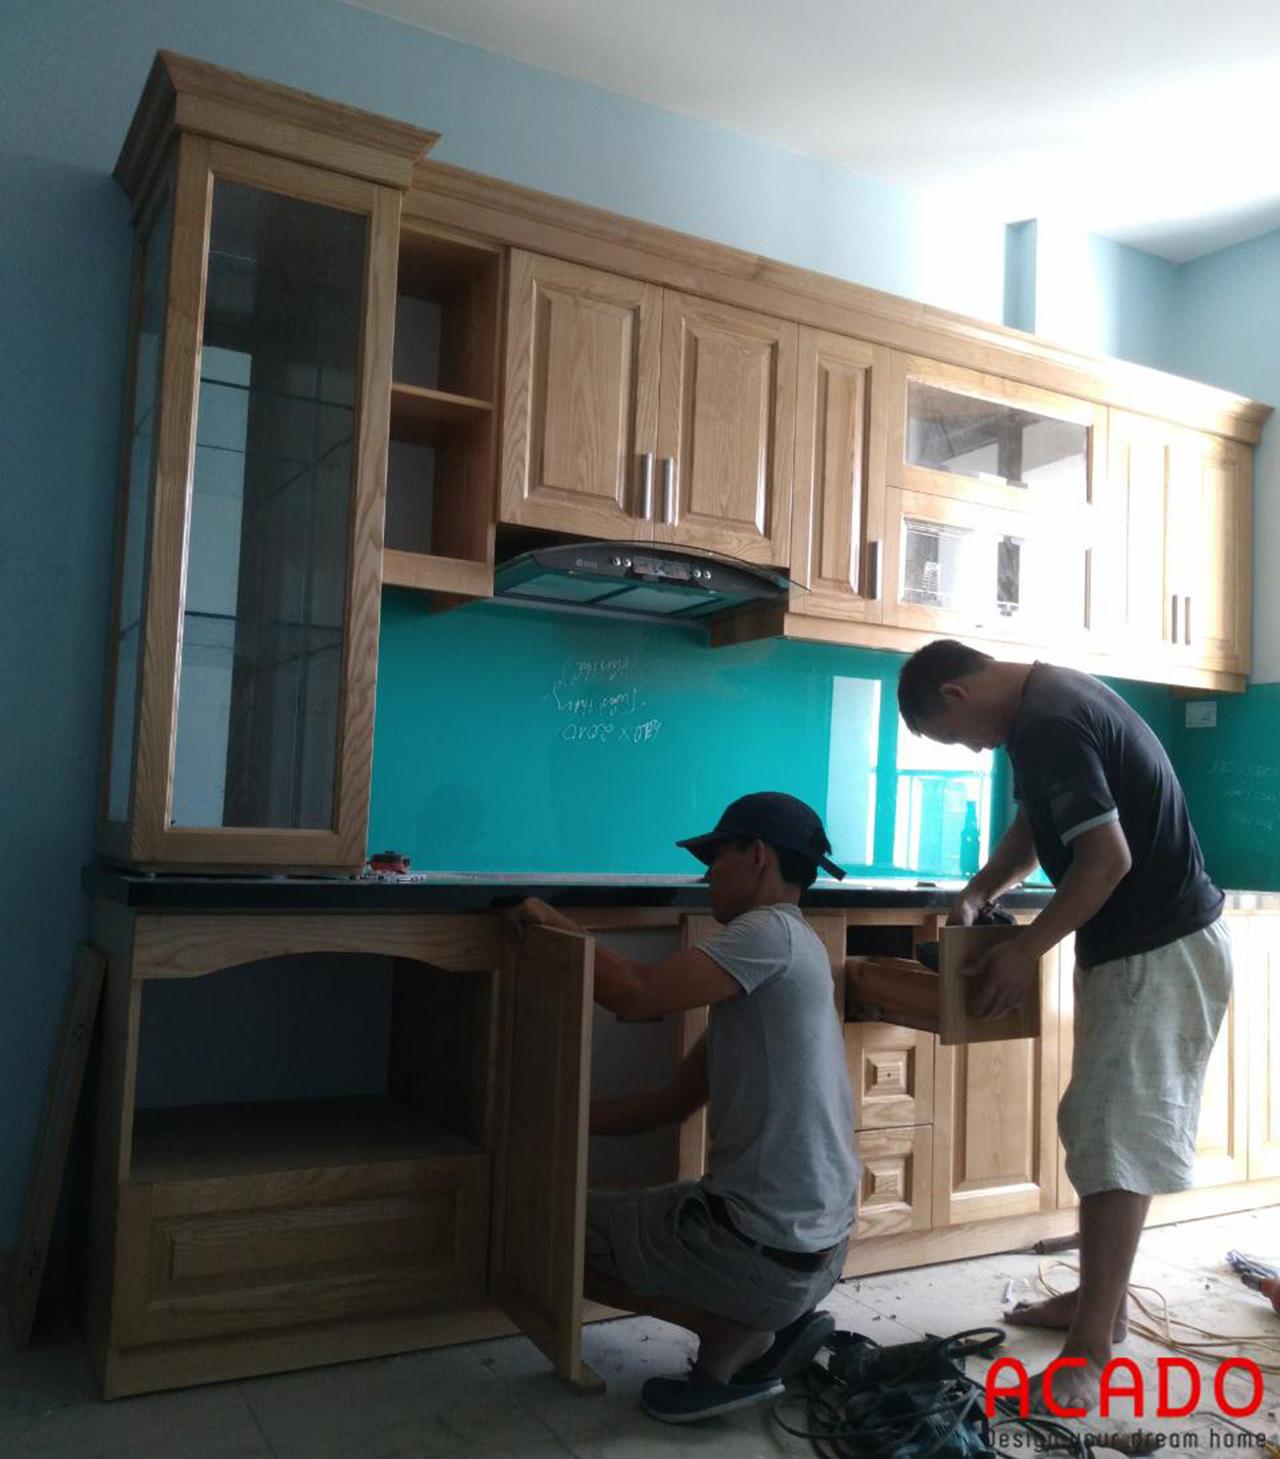 Anh em thợ ACAADO vẫn đang miệt mài lắp đặt tủ bếp để kịp bàn giao